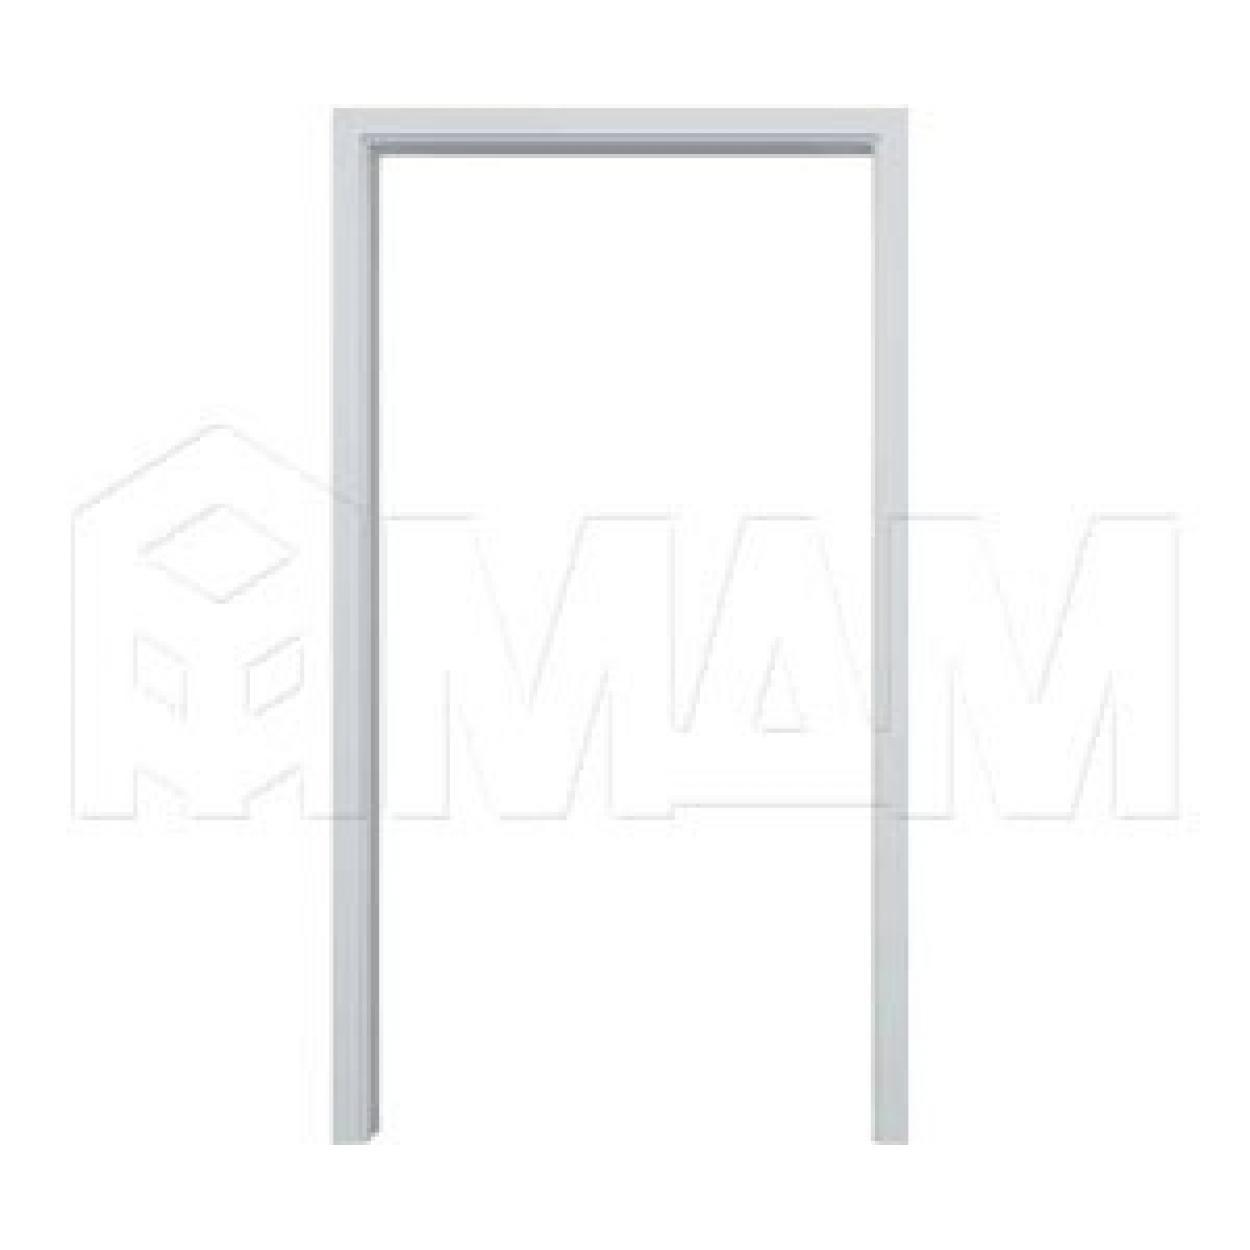 GUSTAVSON Рамка и наличники для одной двери шириной 1000 мм, толщина 125 мм, МДФ, белый